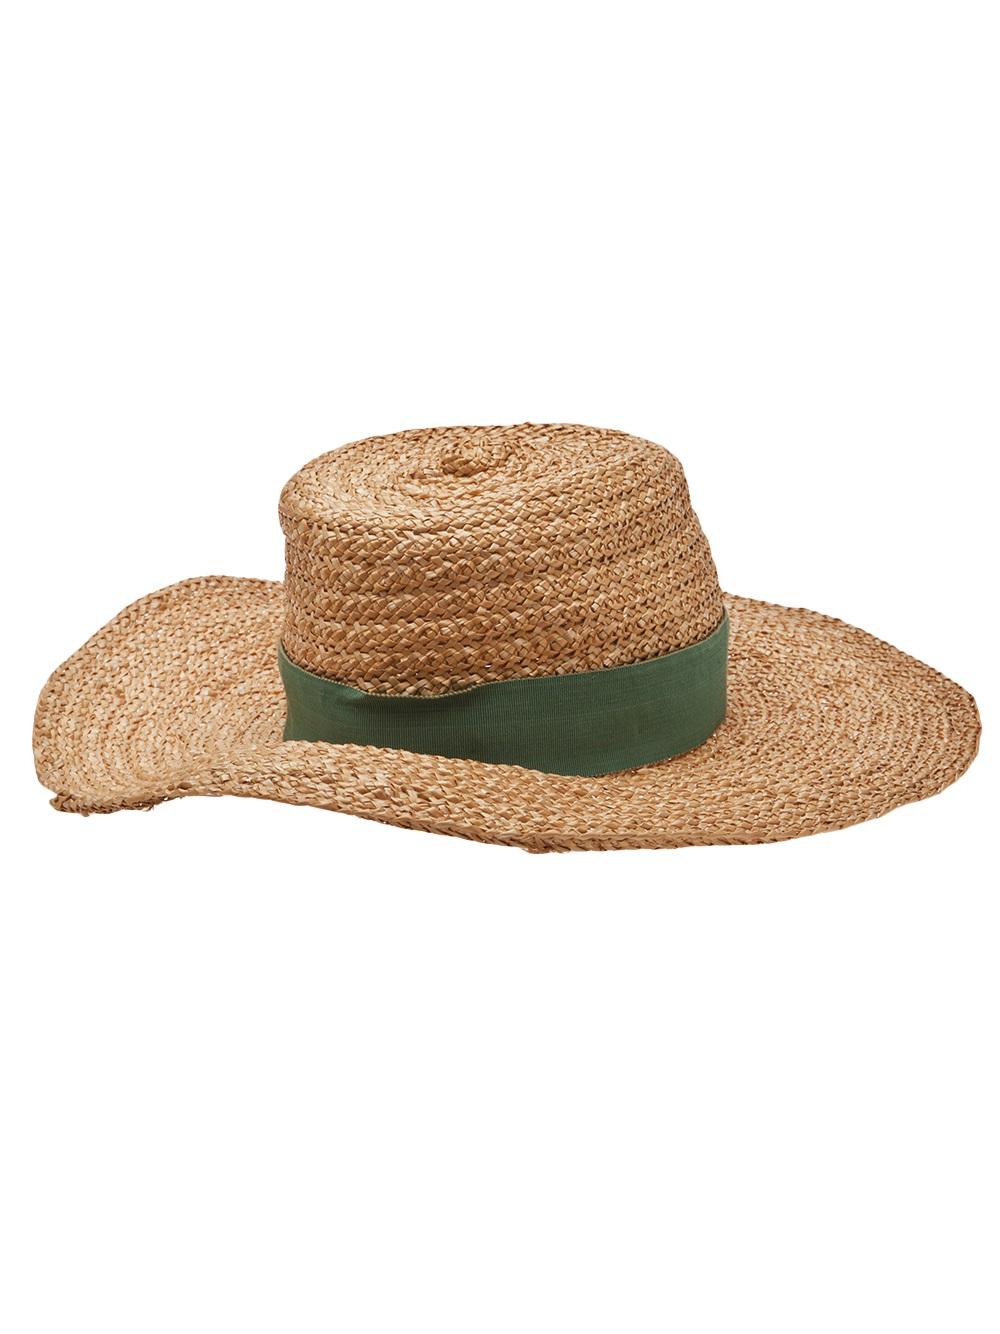 Reinhard Plank Donna Florentine Hat in Natural - Lyst 7310b75f0039